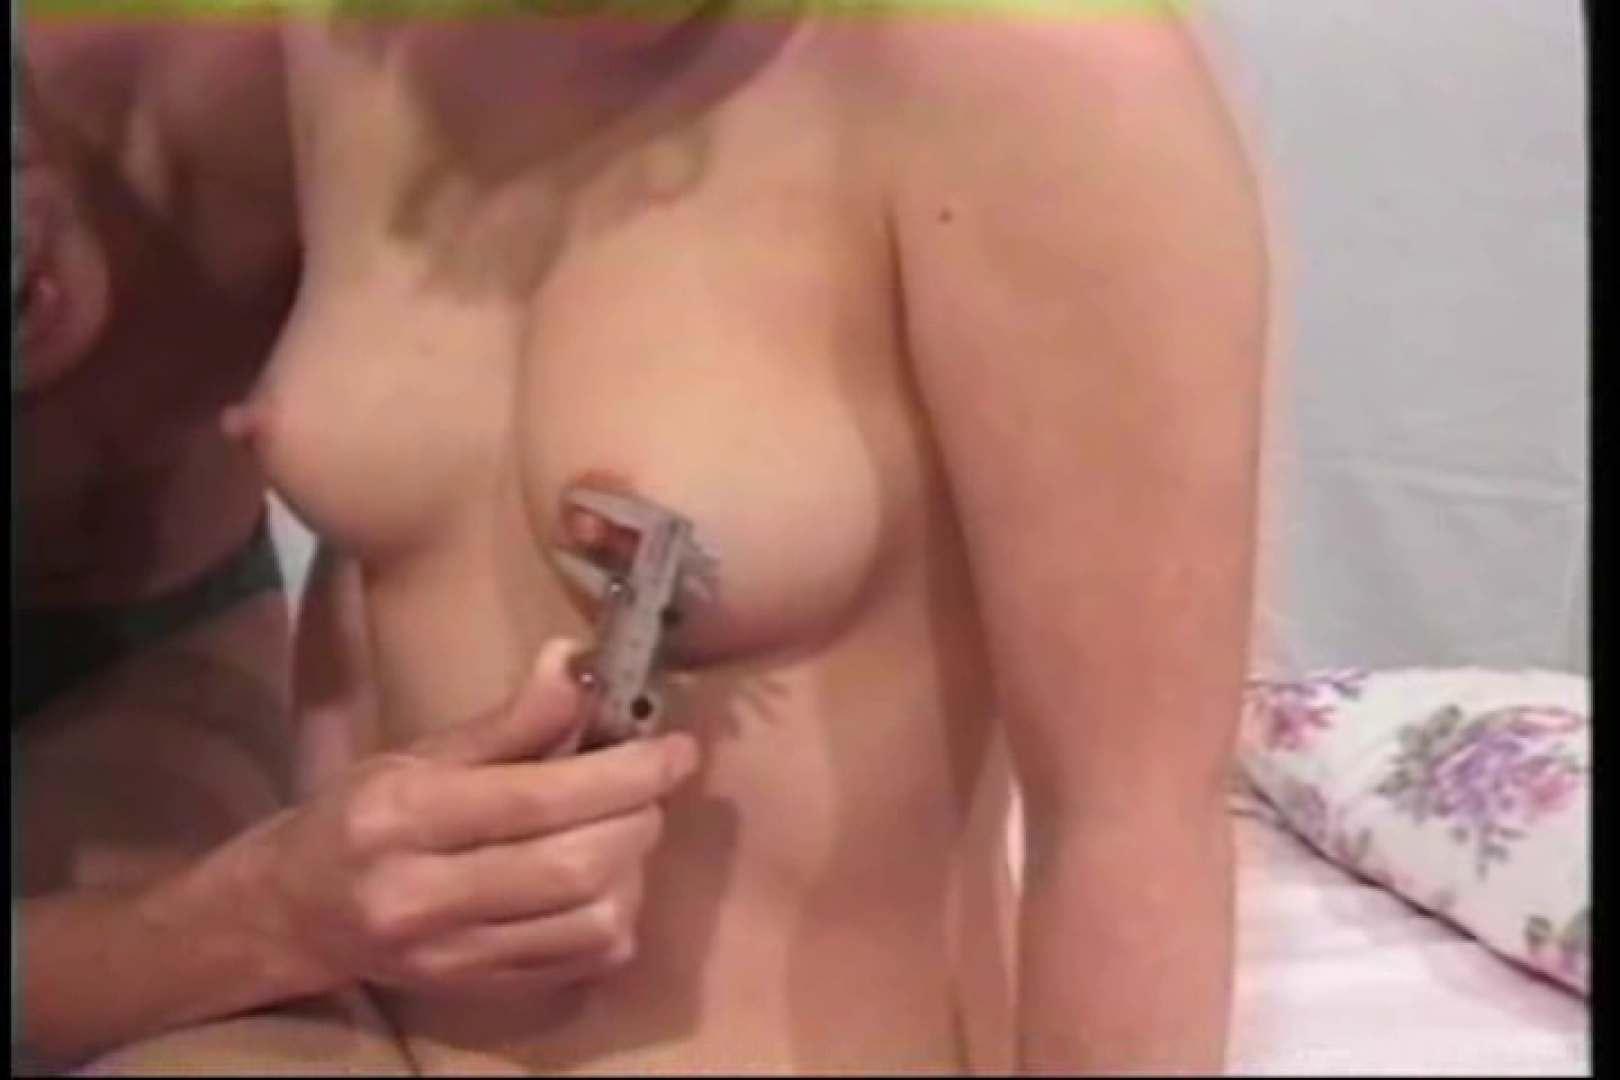 素人嬢126人のハメ撮り 葉月沙耶 マンコバッチリ   エロカワ素人  13pic 9